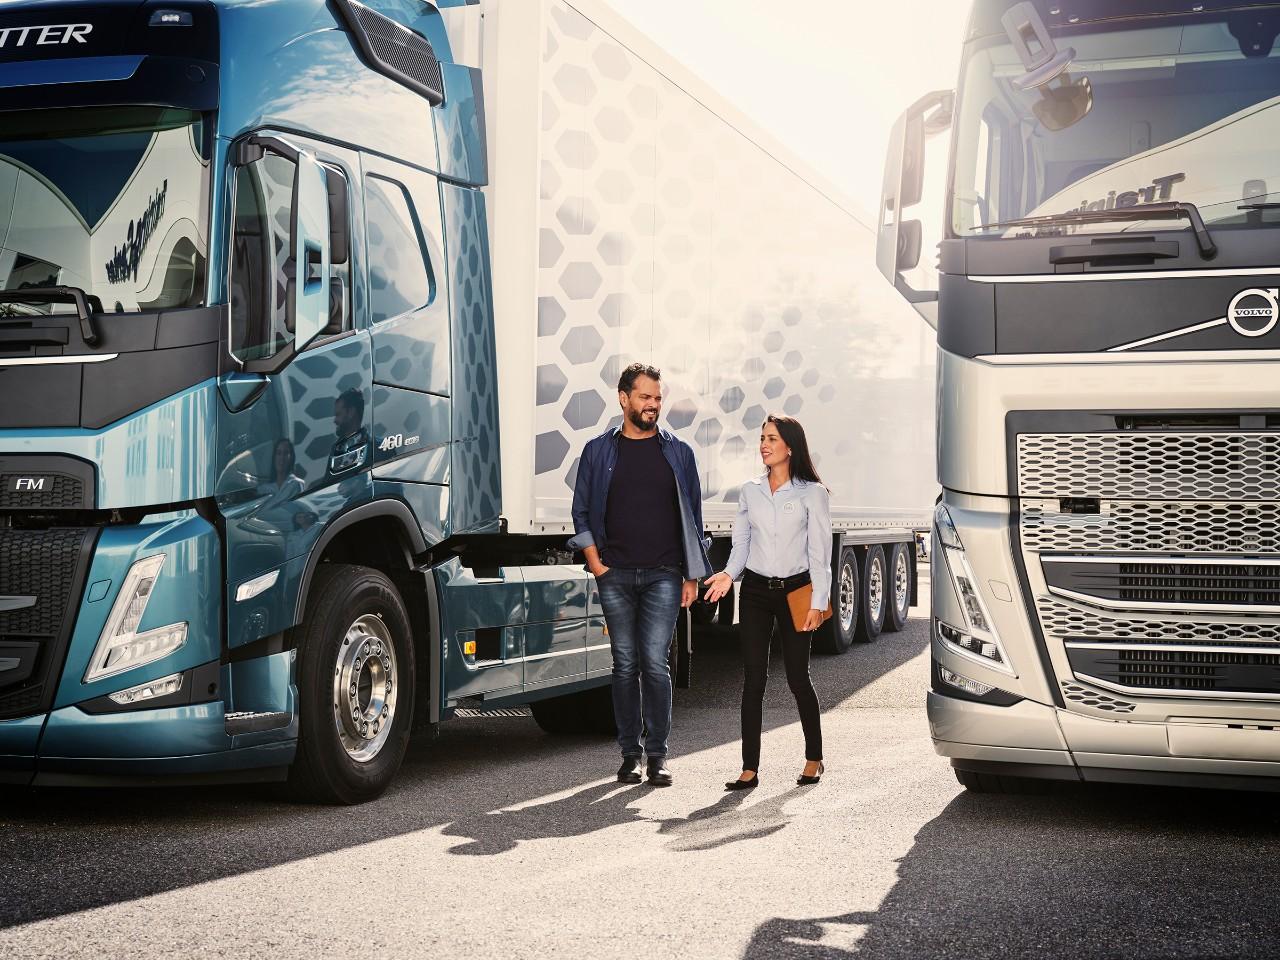 Storitve za tovorna vozila – po vaši meri